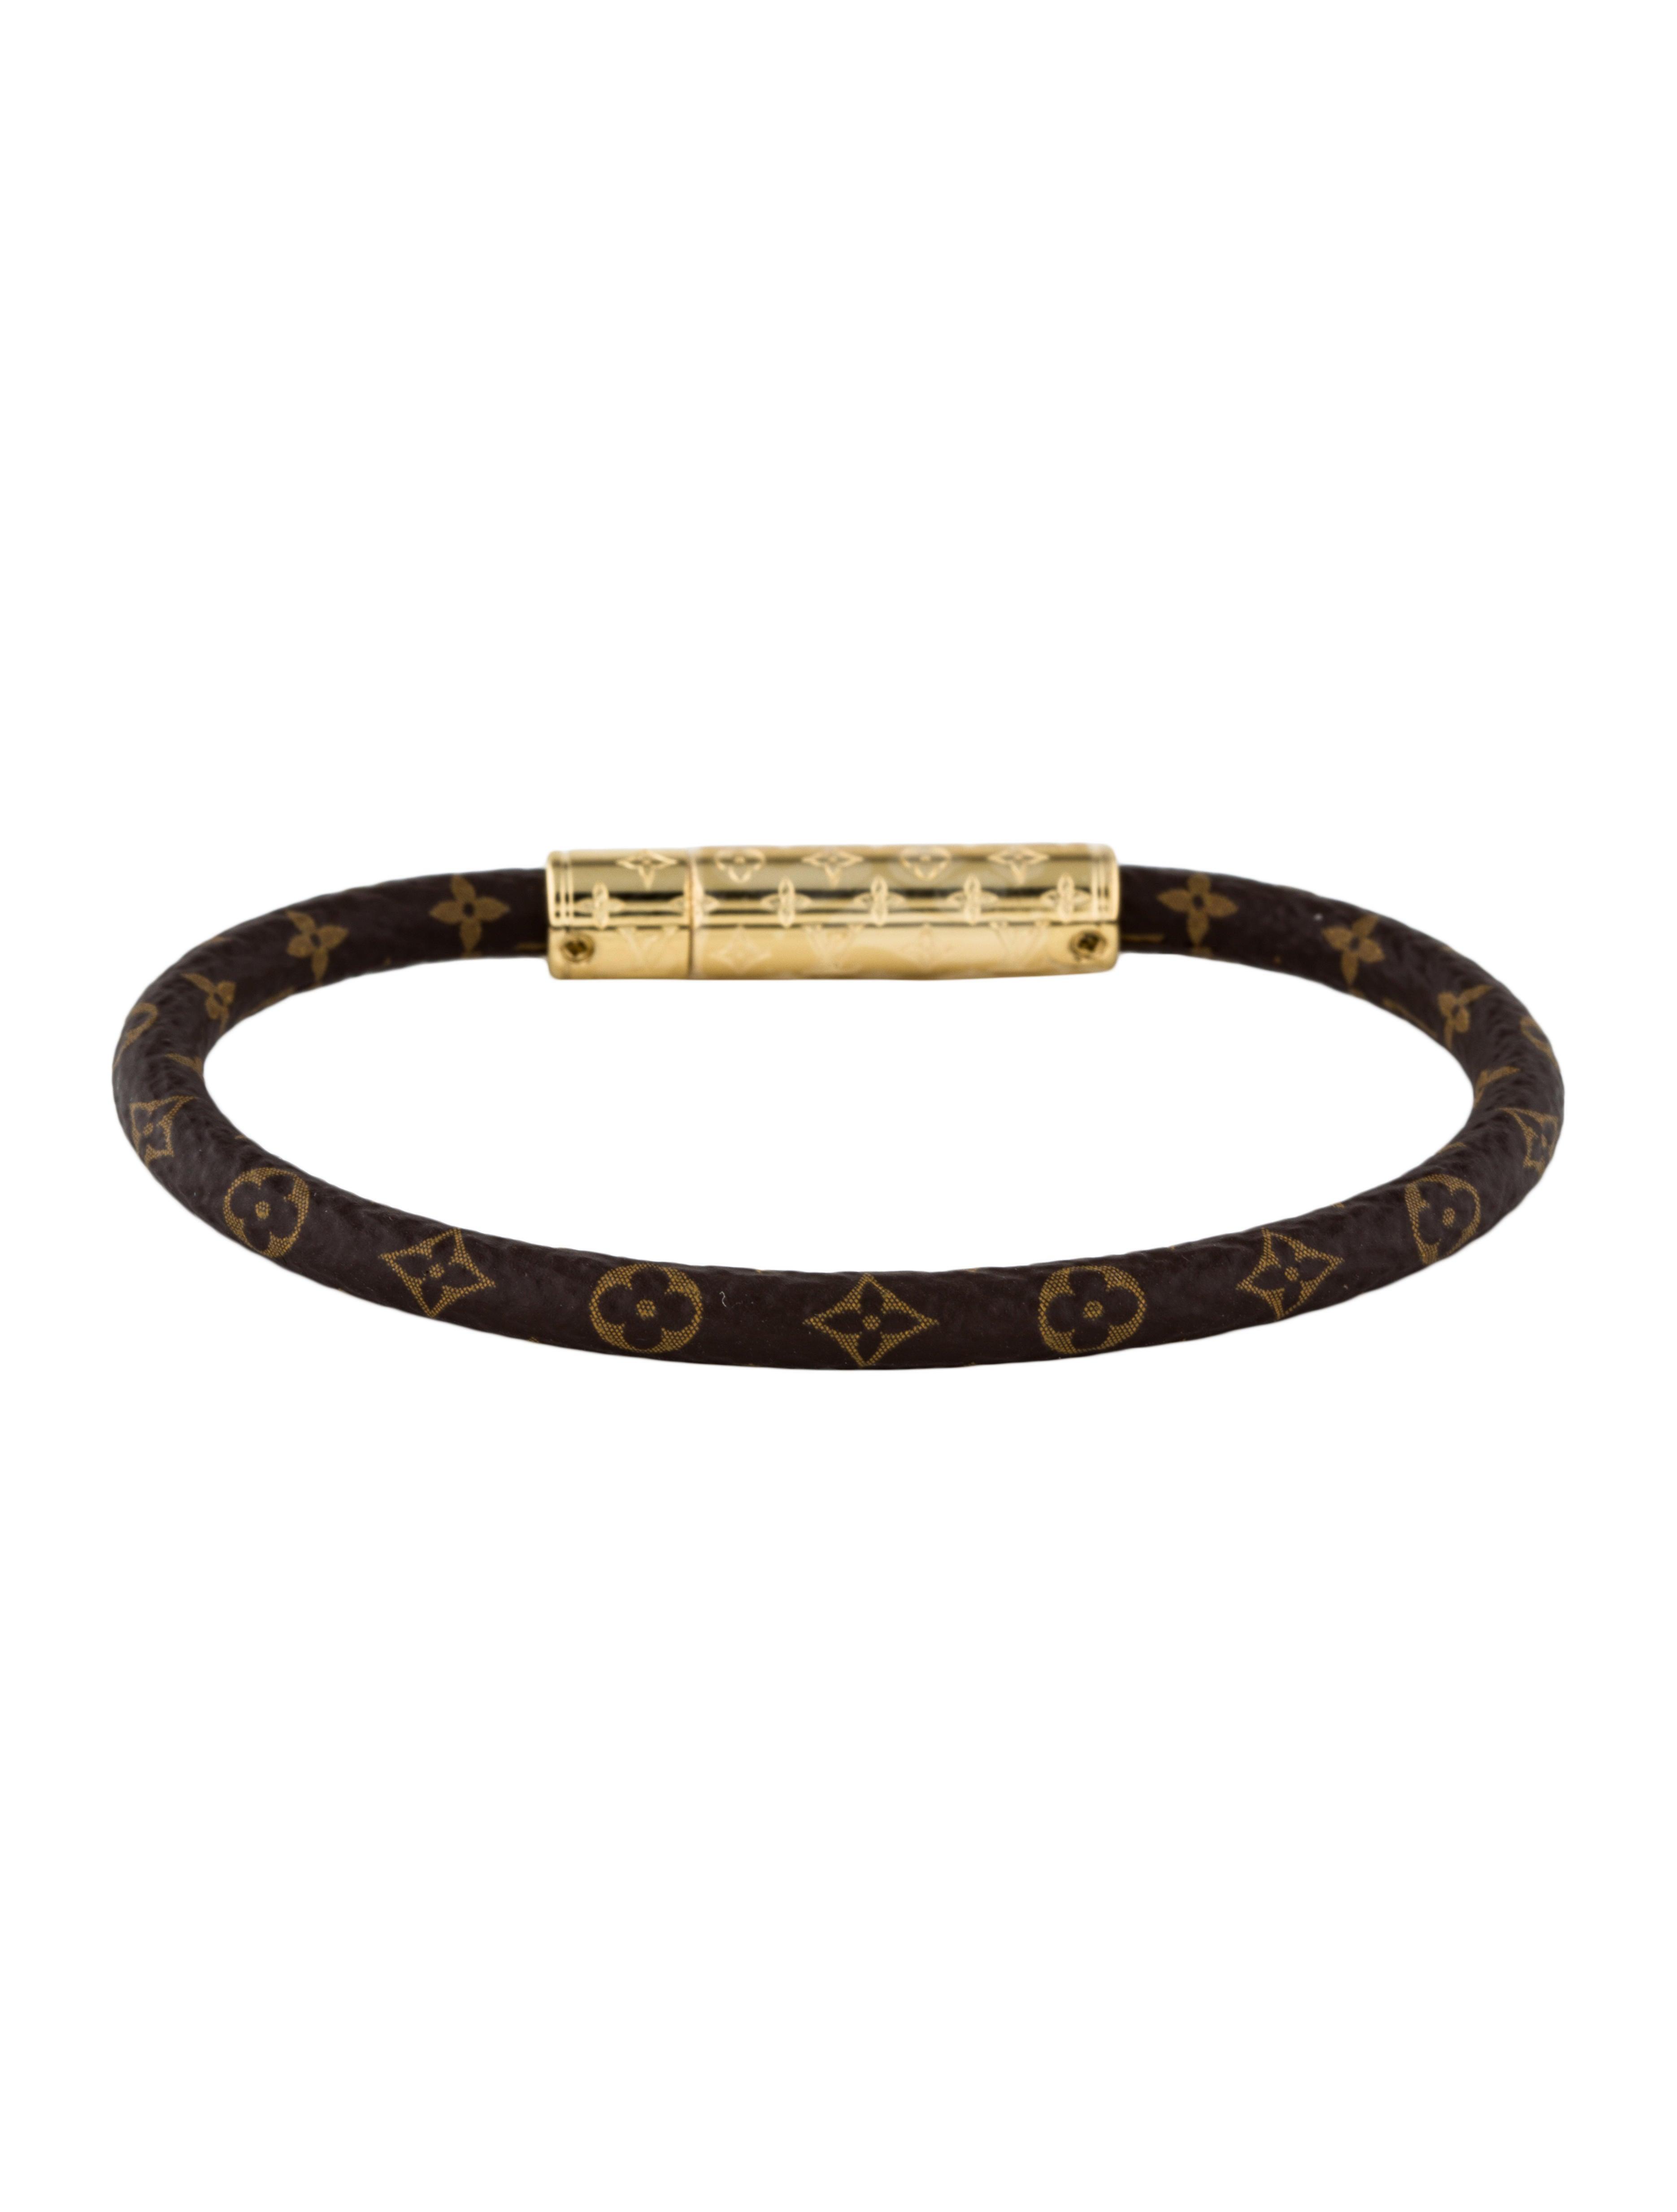 64c05b60beda9 Louis Vuitton LV Confidential Bracelet - Bracelets - LOU140374